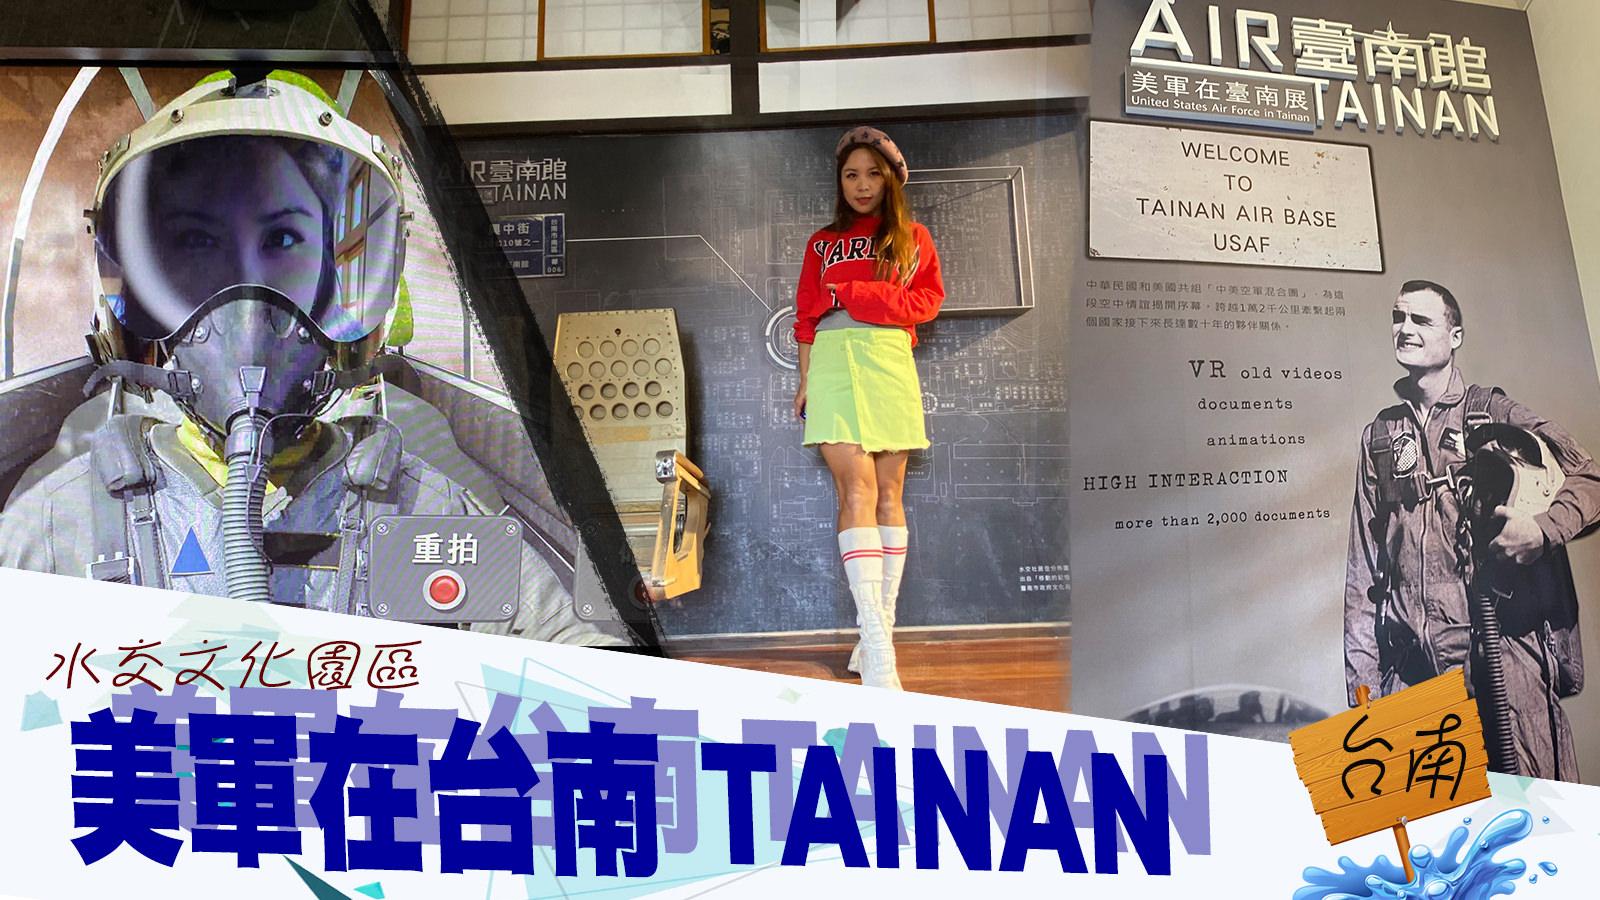 台南展覽 || 美軍在台南 水交社文化園區 飛機迷一定要來